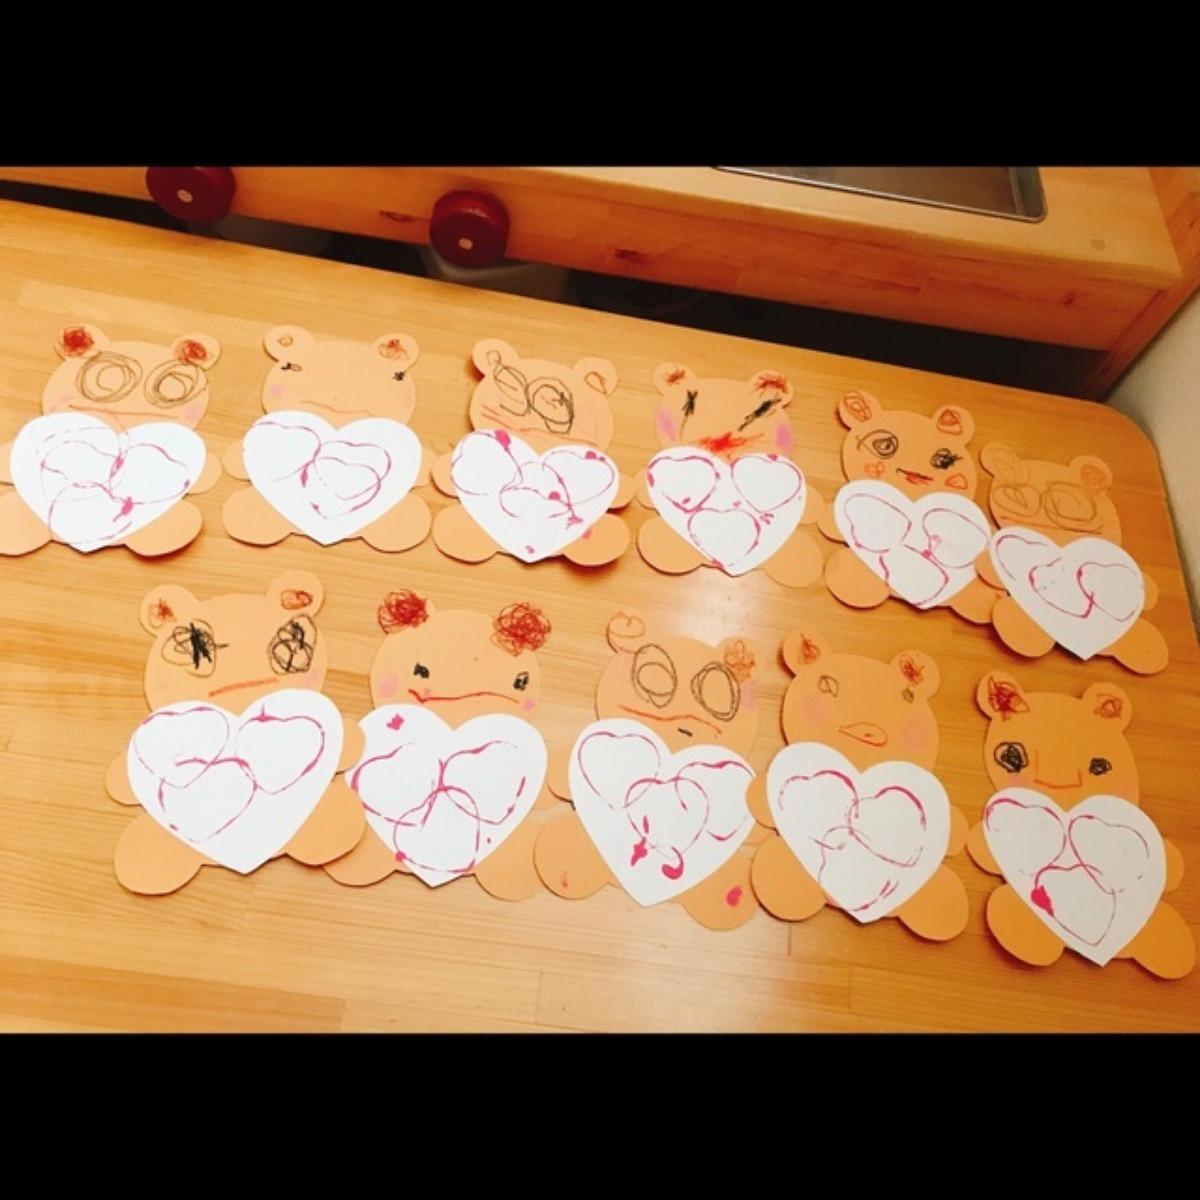 【アプリ投稿】バレンタイン製作❤️❤️